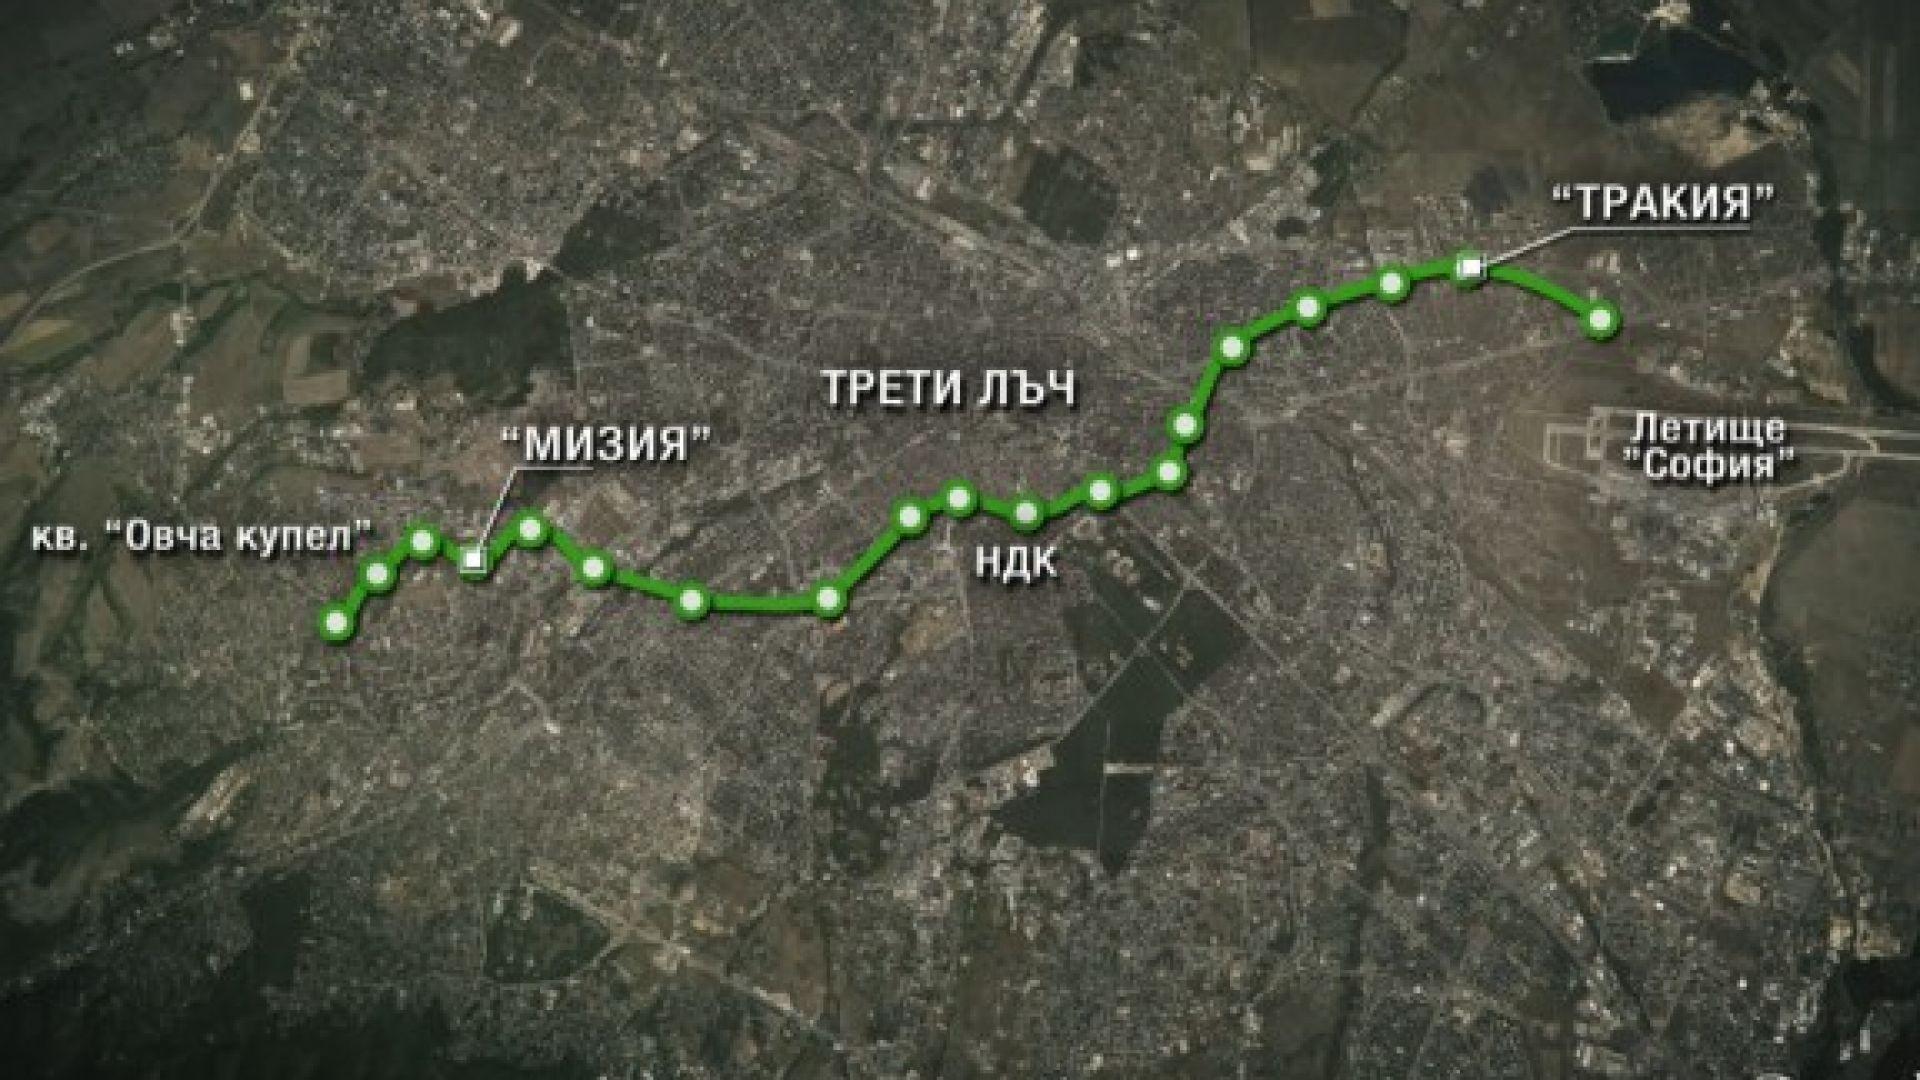 Новите имена на метростанции в София - грешка или не?